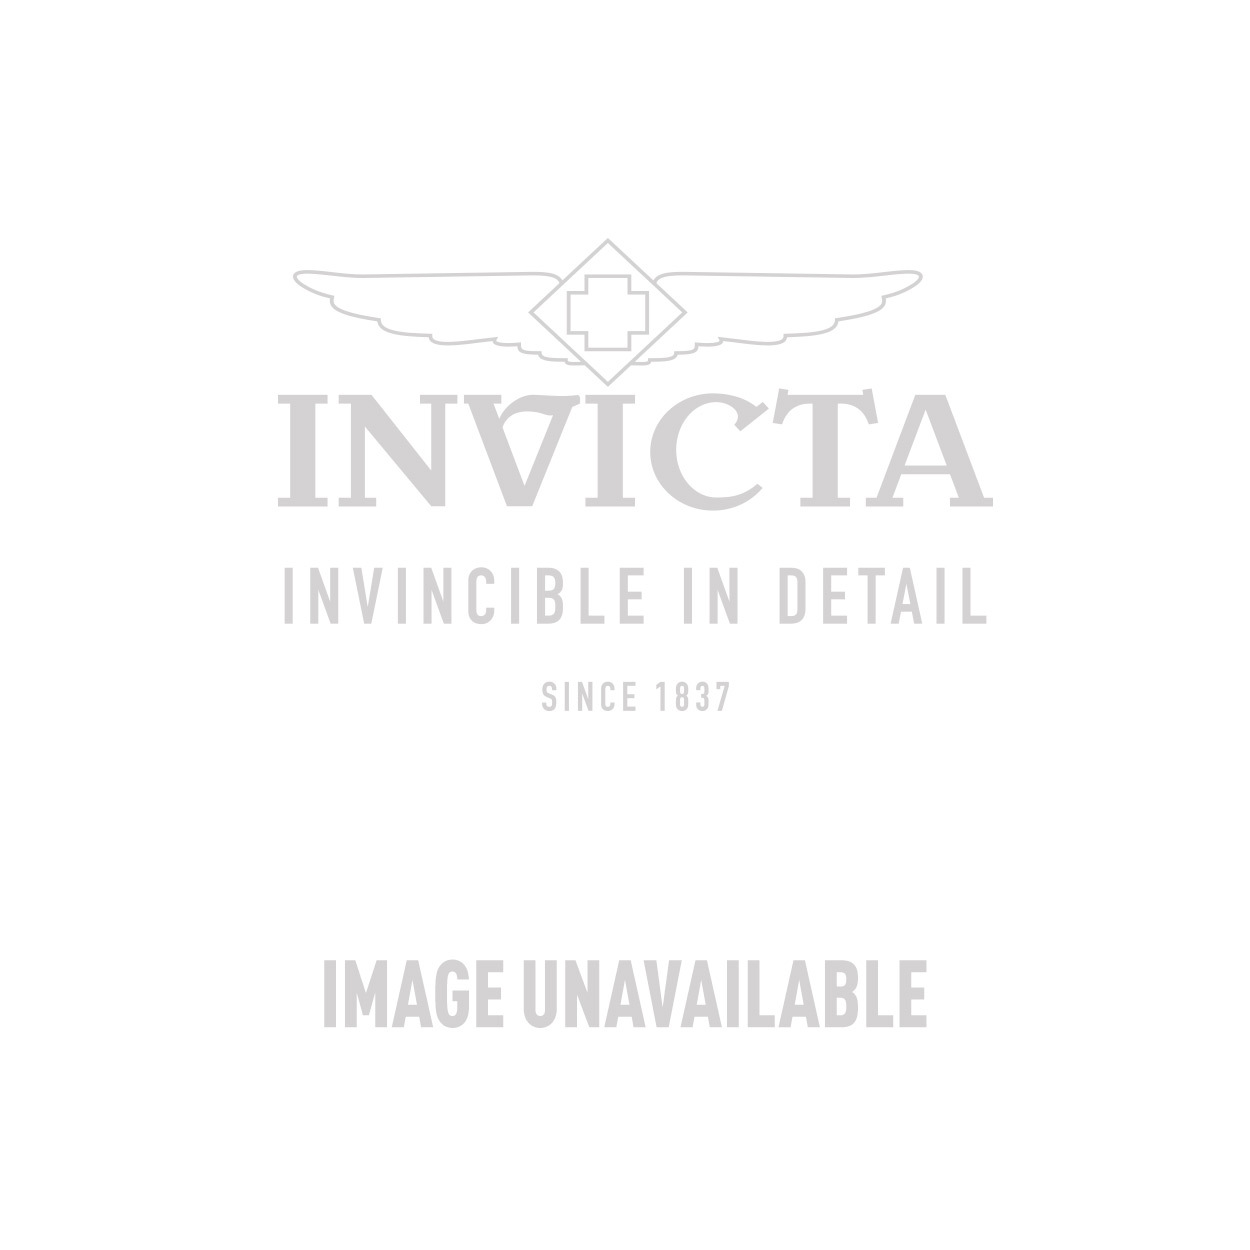 Invicta Model 23901